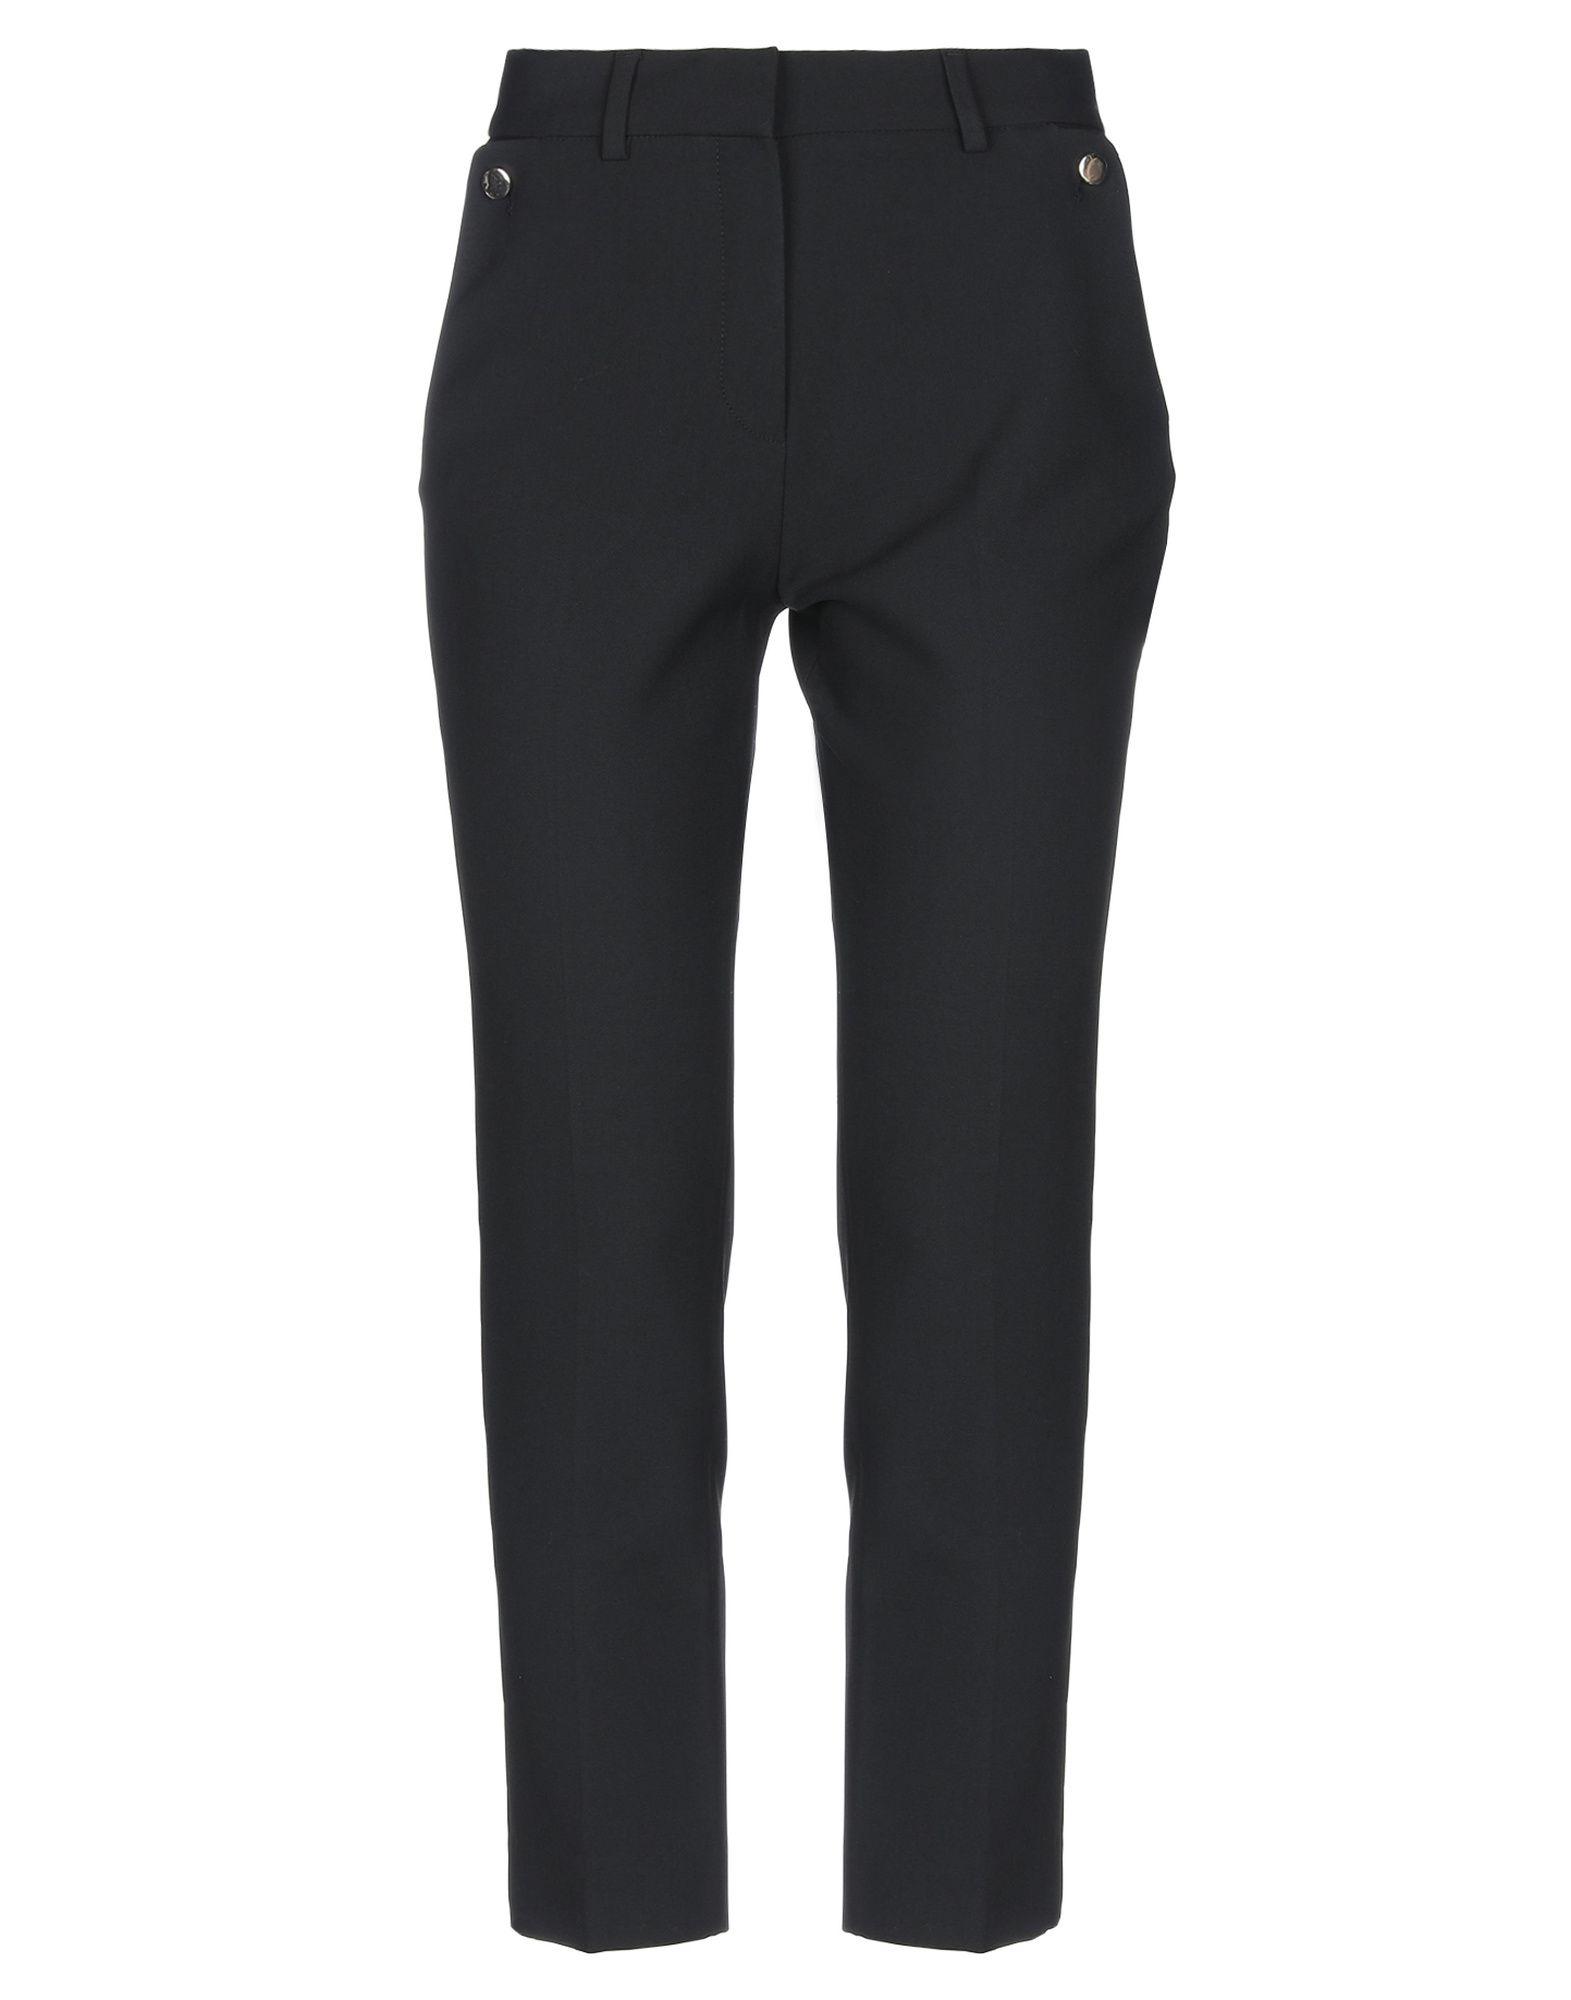 Pantalone Space damen - 13343537HL